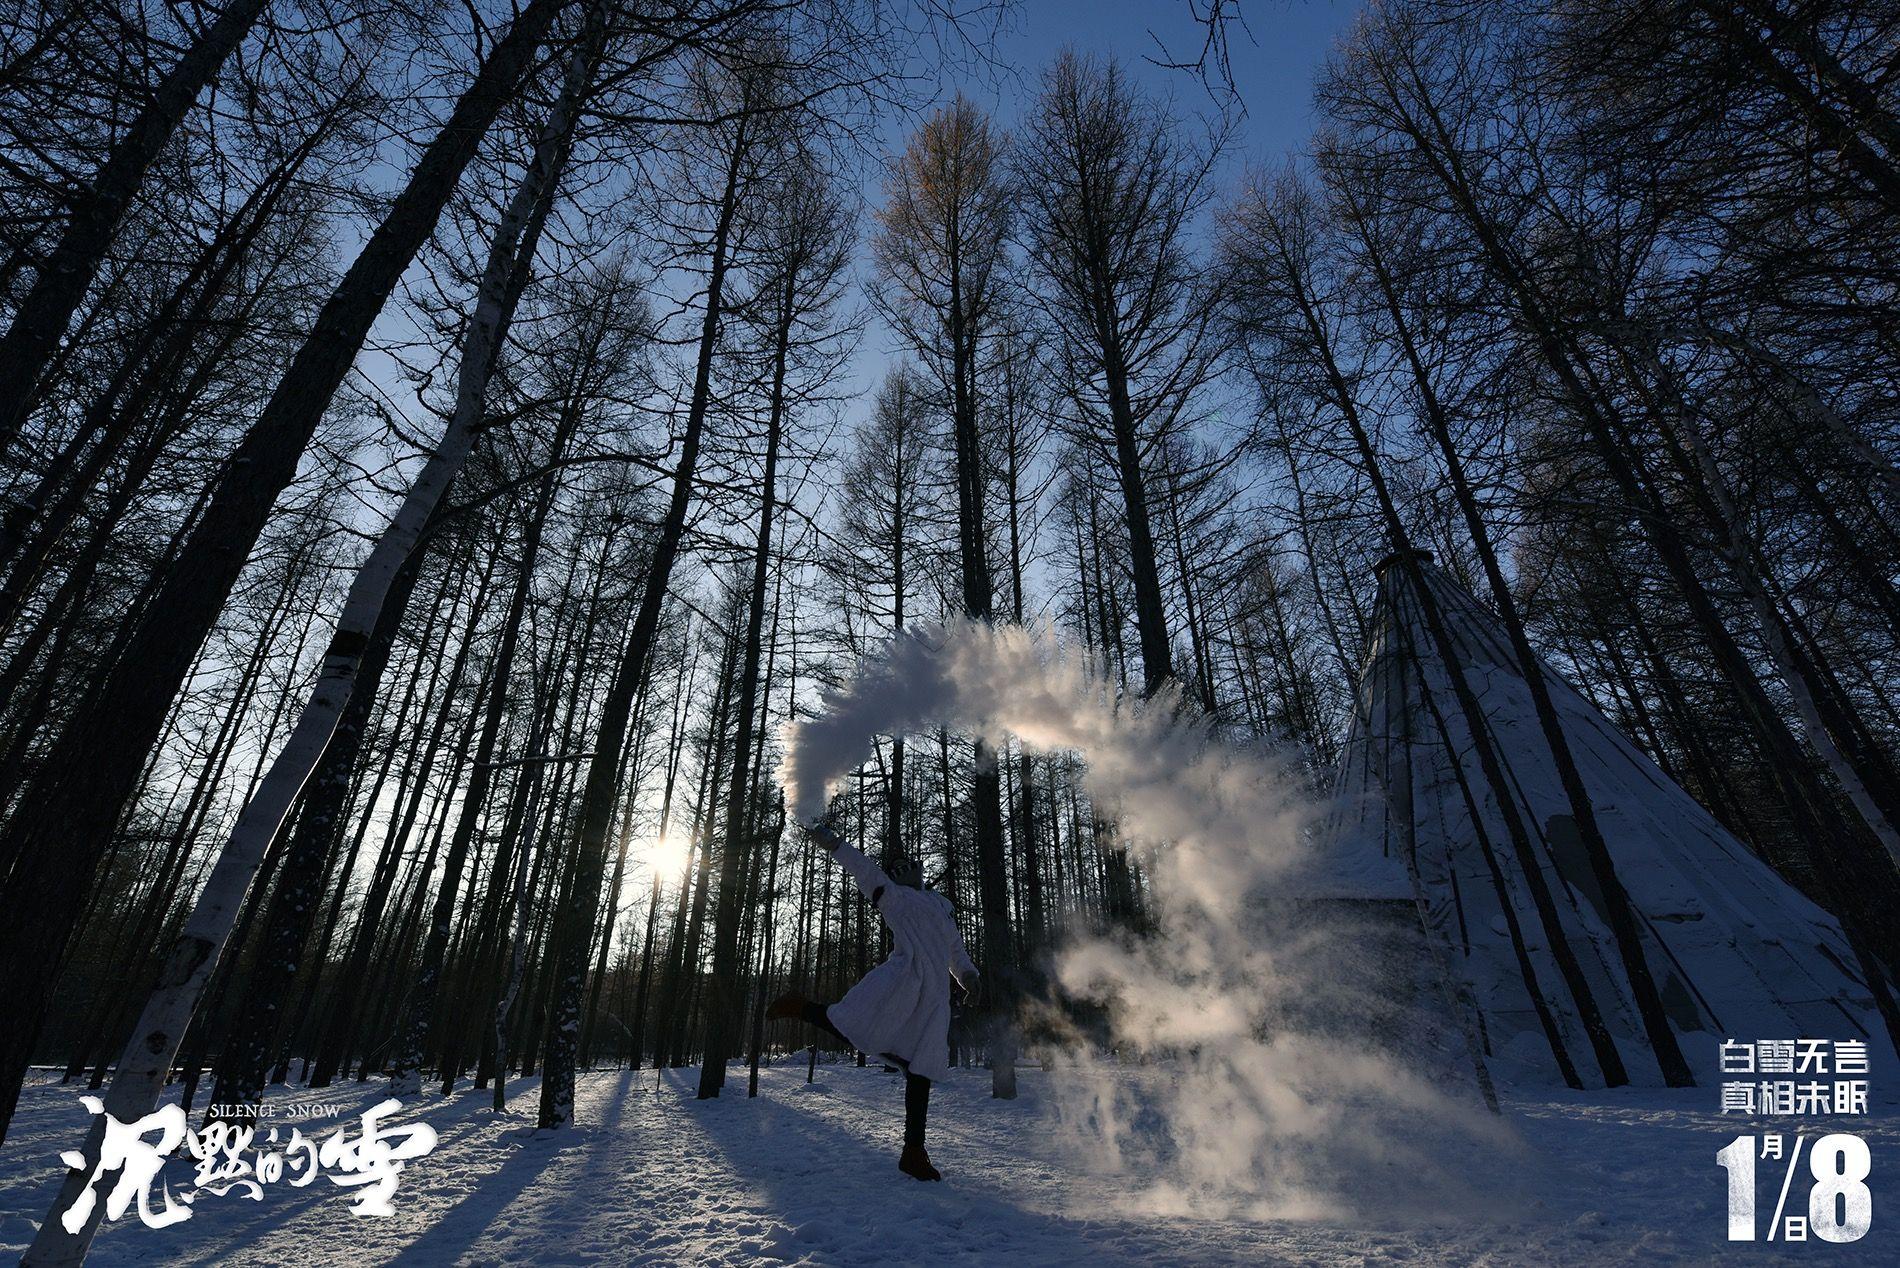 電影沉默的雪|宣傳預告片